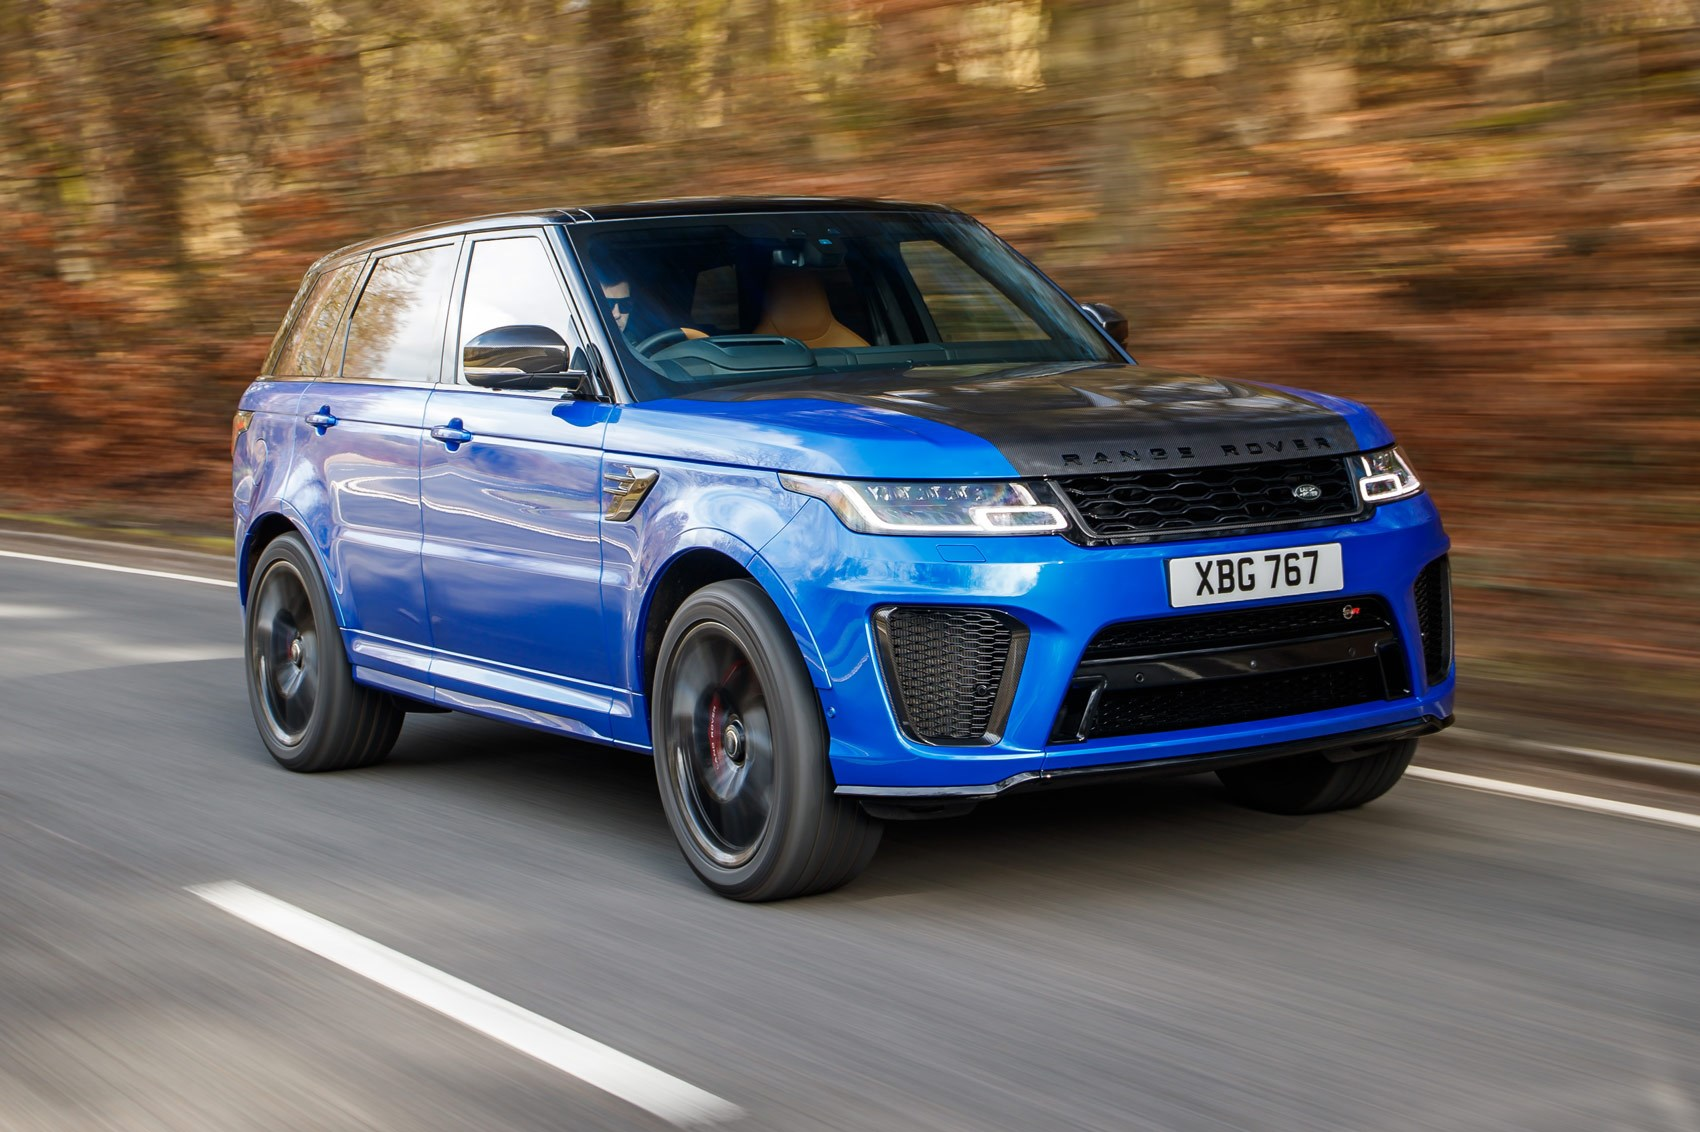 range rover sport svr 2018 review thor on wheels car magazine. Black Bedroom Furniture Sets. Home Design Ideas